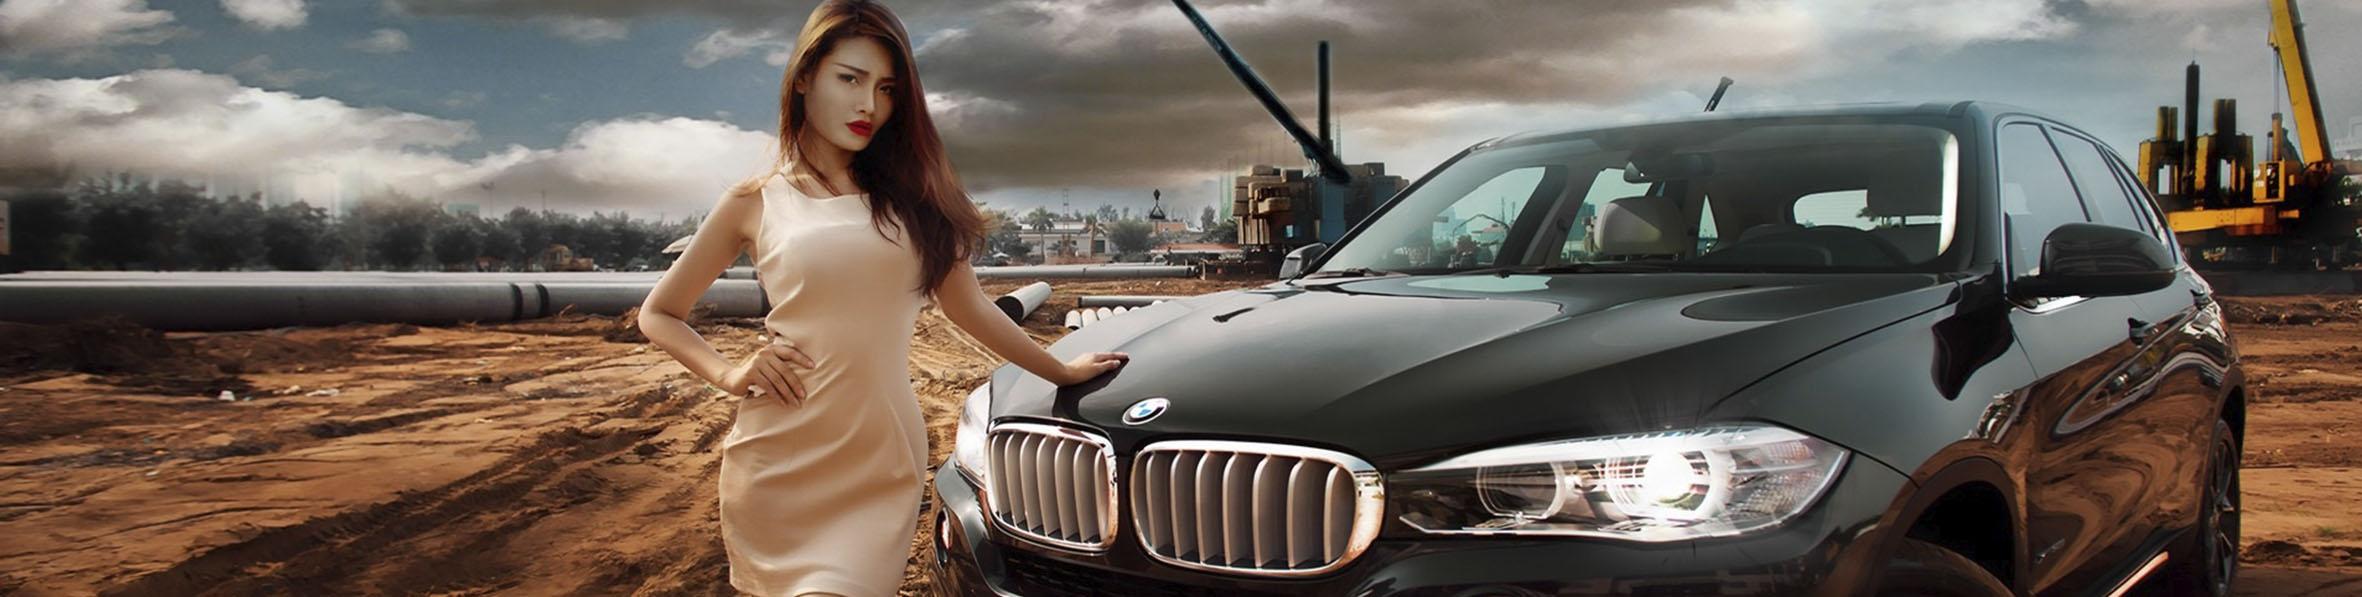 Реклама на Авторадио в Анапе заказать